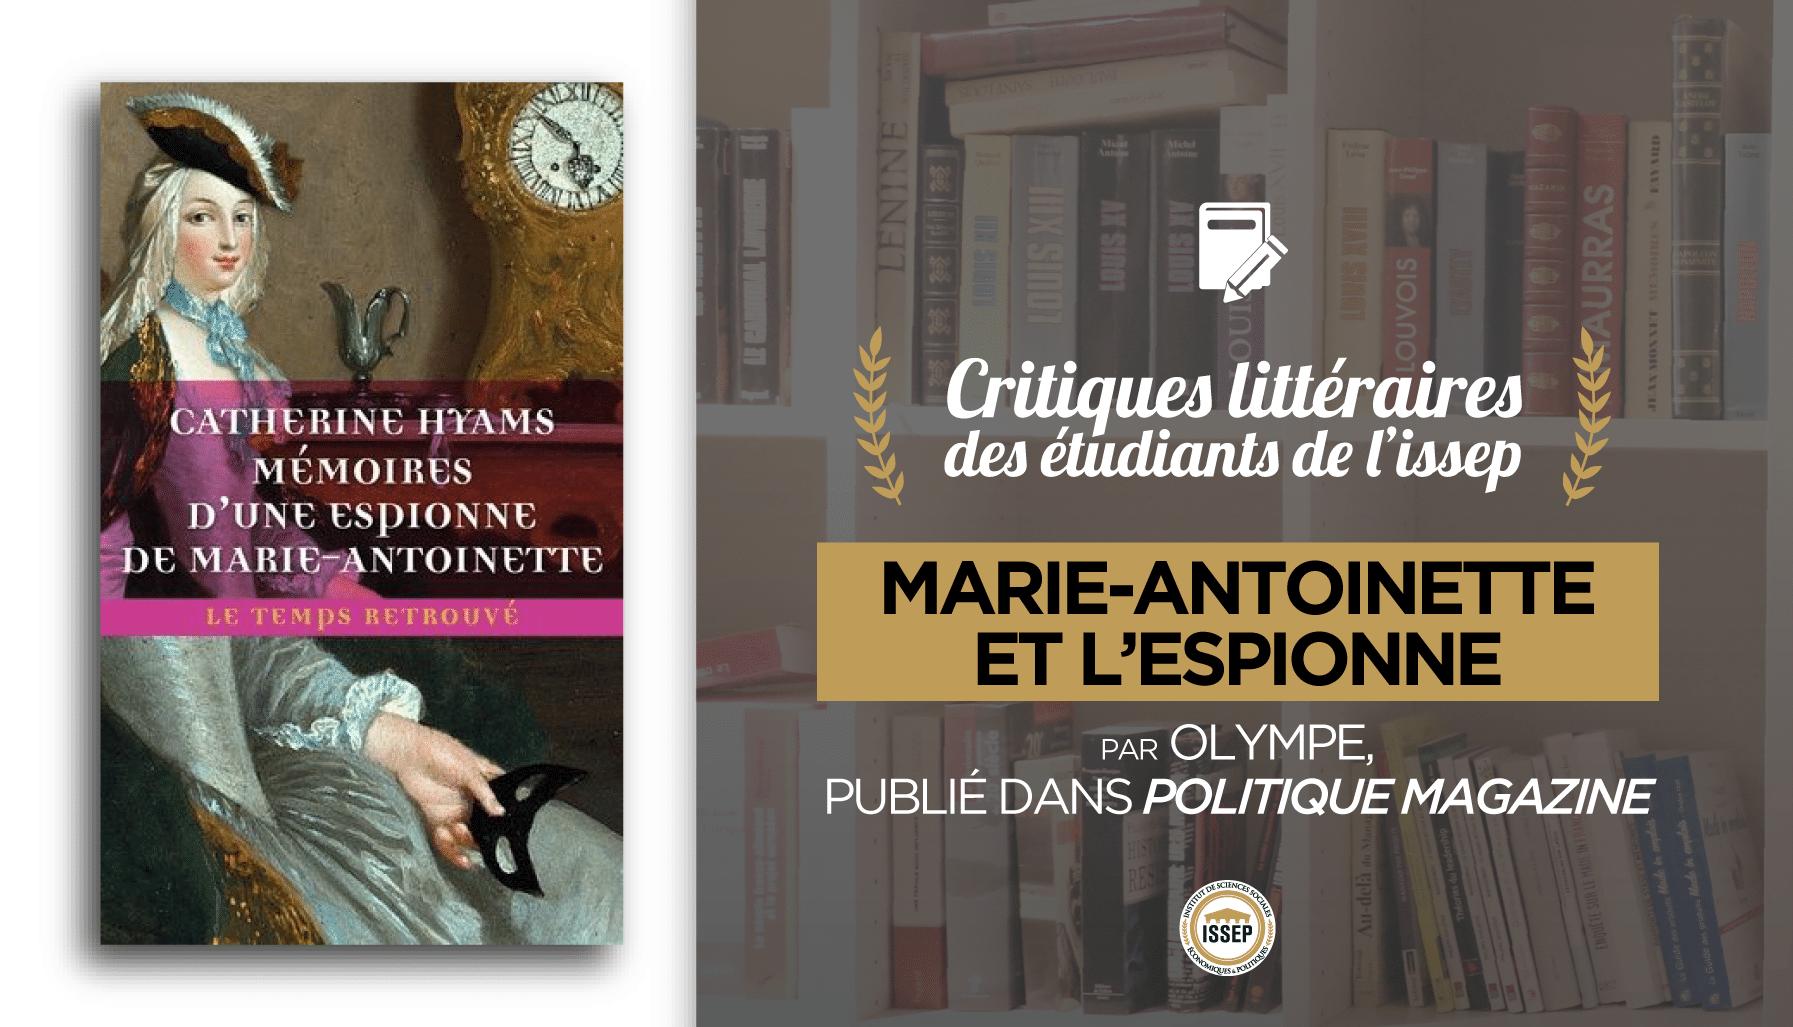 Critique littéraire de Mémoire d'une espionne de MArie-Antoinette, par Olympe publiée dans Politique Magazine